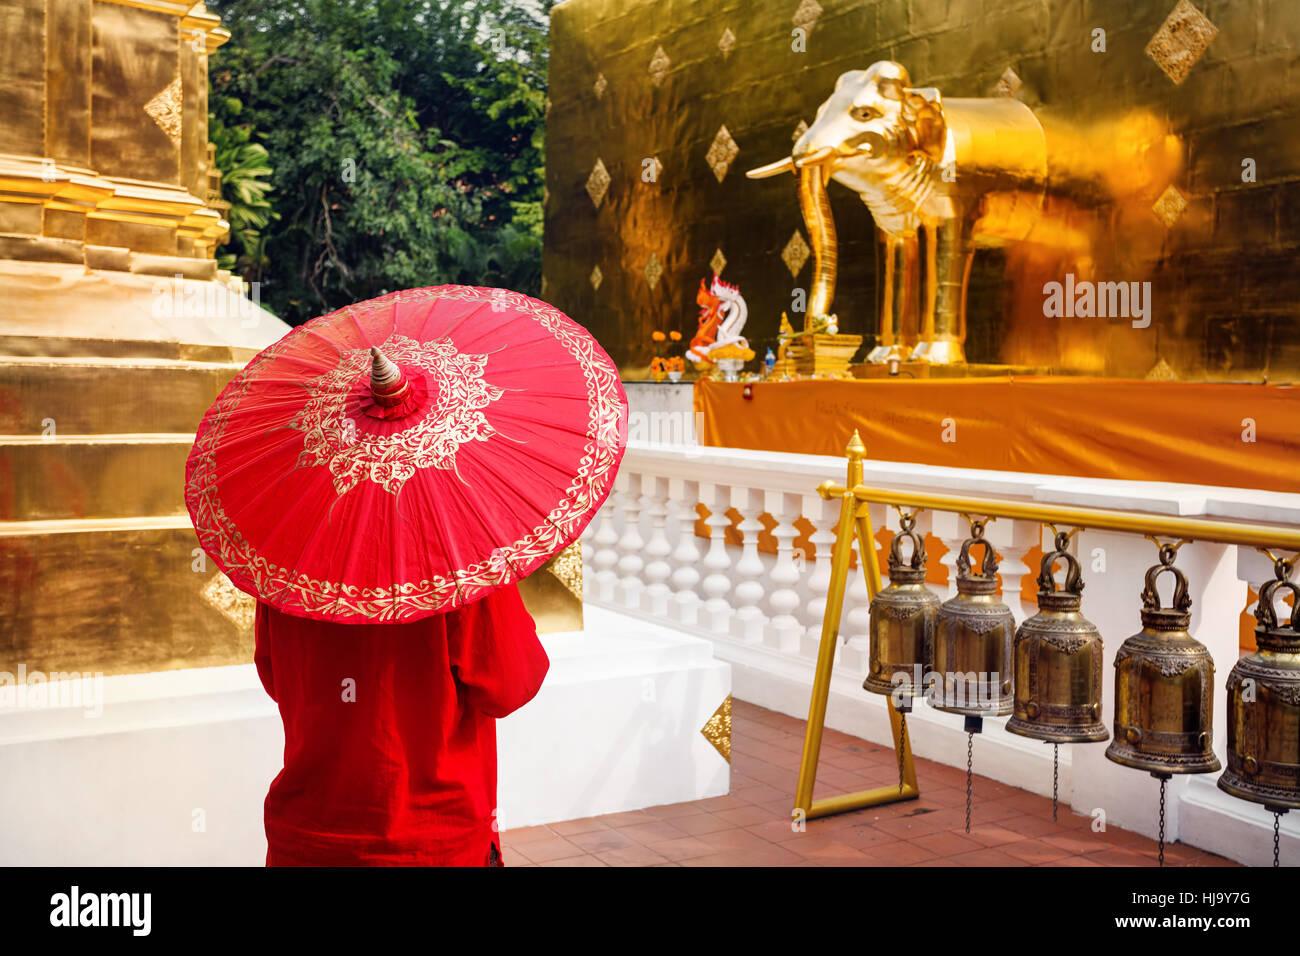 Mujer turista con rojo paraguas tradicional tailandés en Golden templo Wat Phra Singh en Chiang Mai, Tailandia Foto de stock